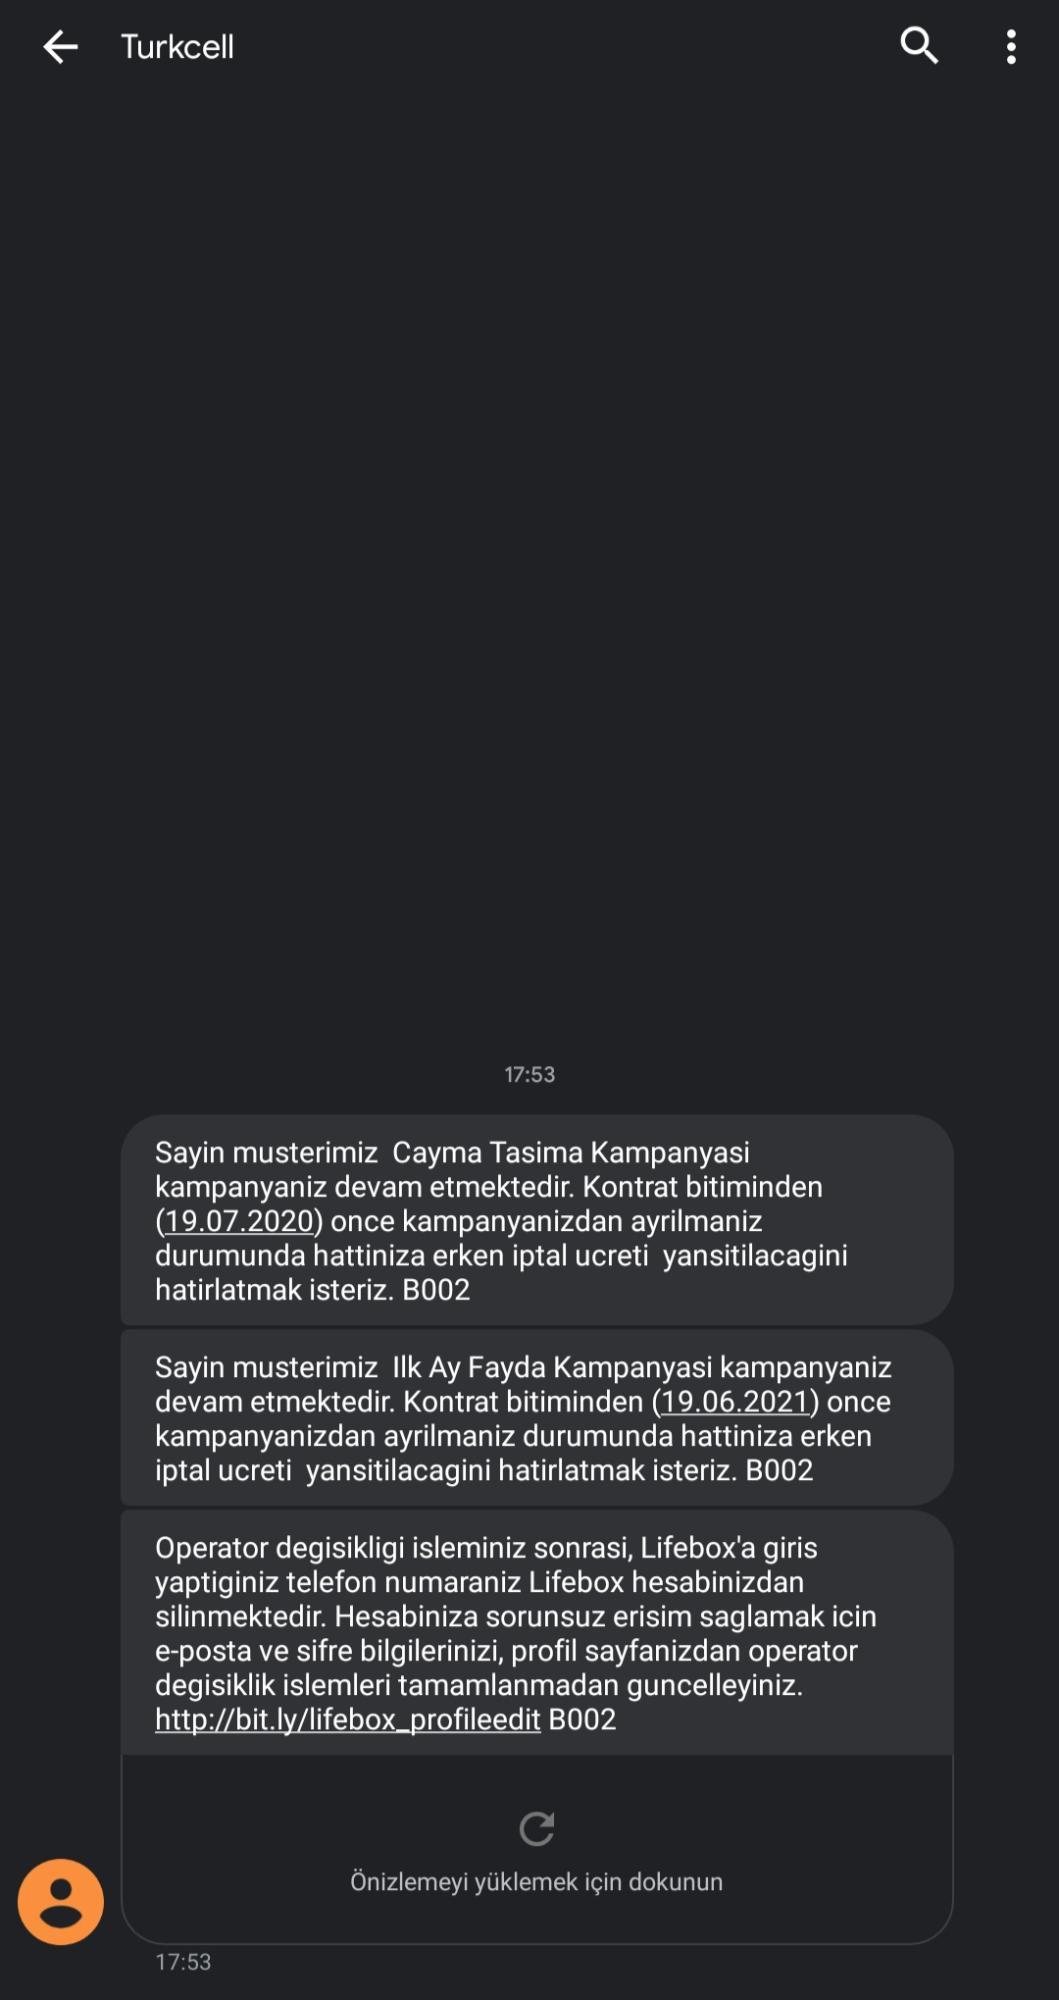 Turkcell Operatör Değişikliğinde Ceza Bedeli İki Kontrattan Olur Mu? -  Şikayetvar